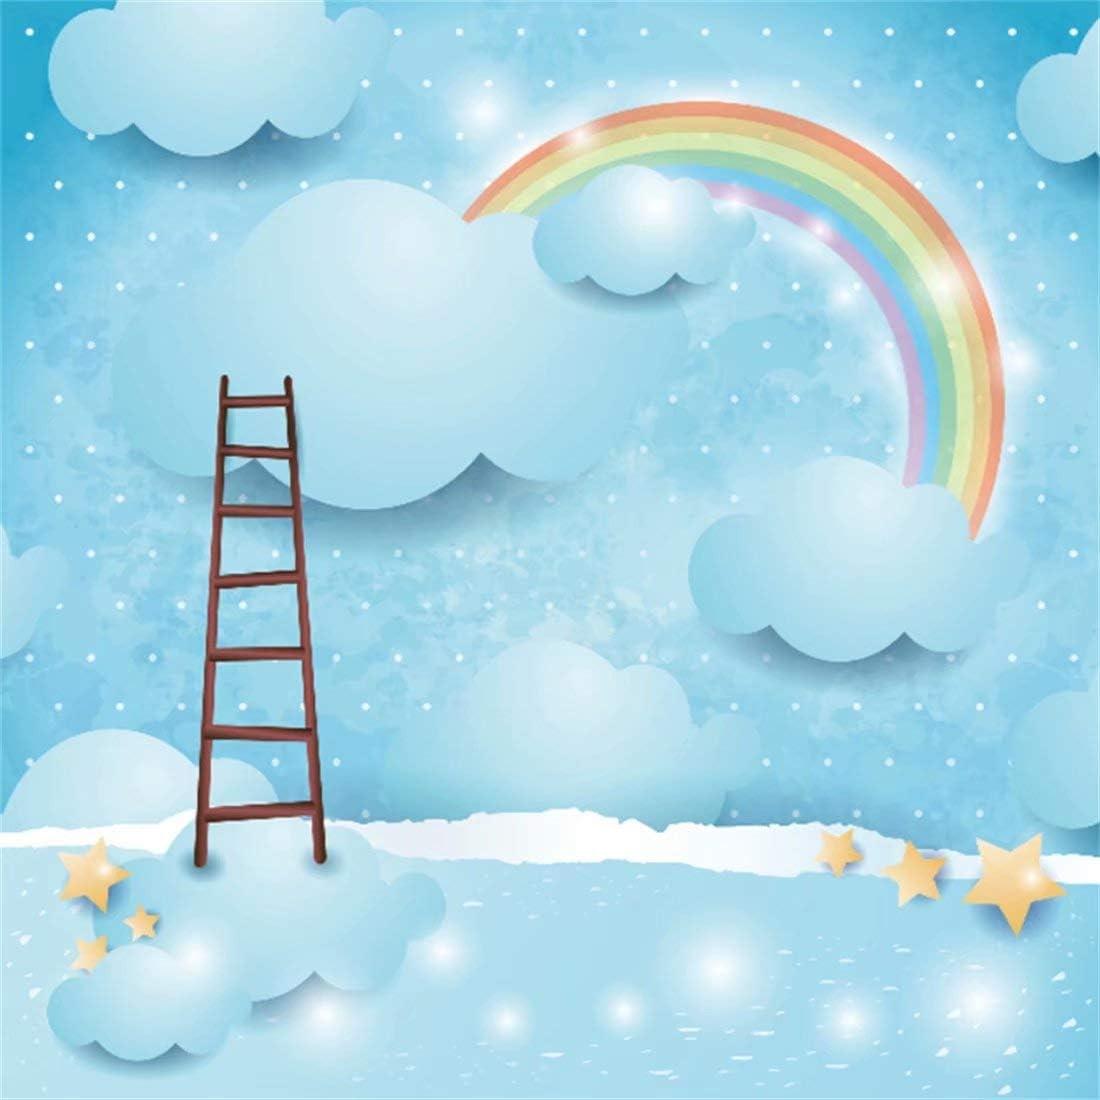 Cassisy 1,8x1,8m Vinilo Telon de Fondo Fondo de Nubes de Arco Iris Fiesta de cumpleaños Cielo Estrellado Fondos para Fotografia Party bebé Infantil Photo Studio Props Photo Booth: Amazon.es: Electrónica